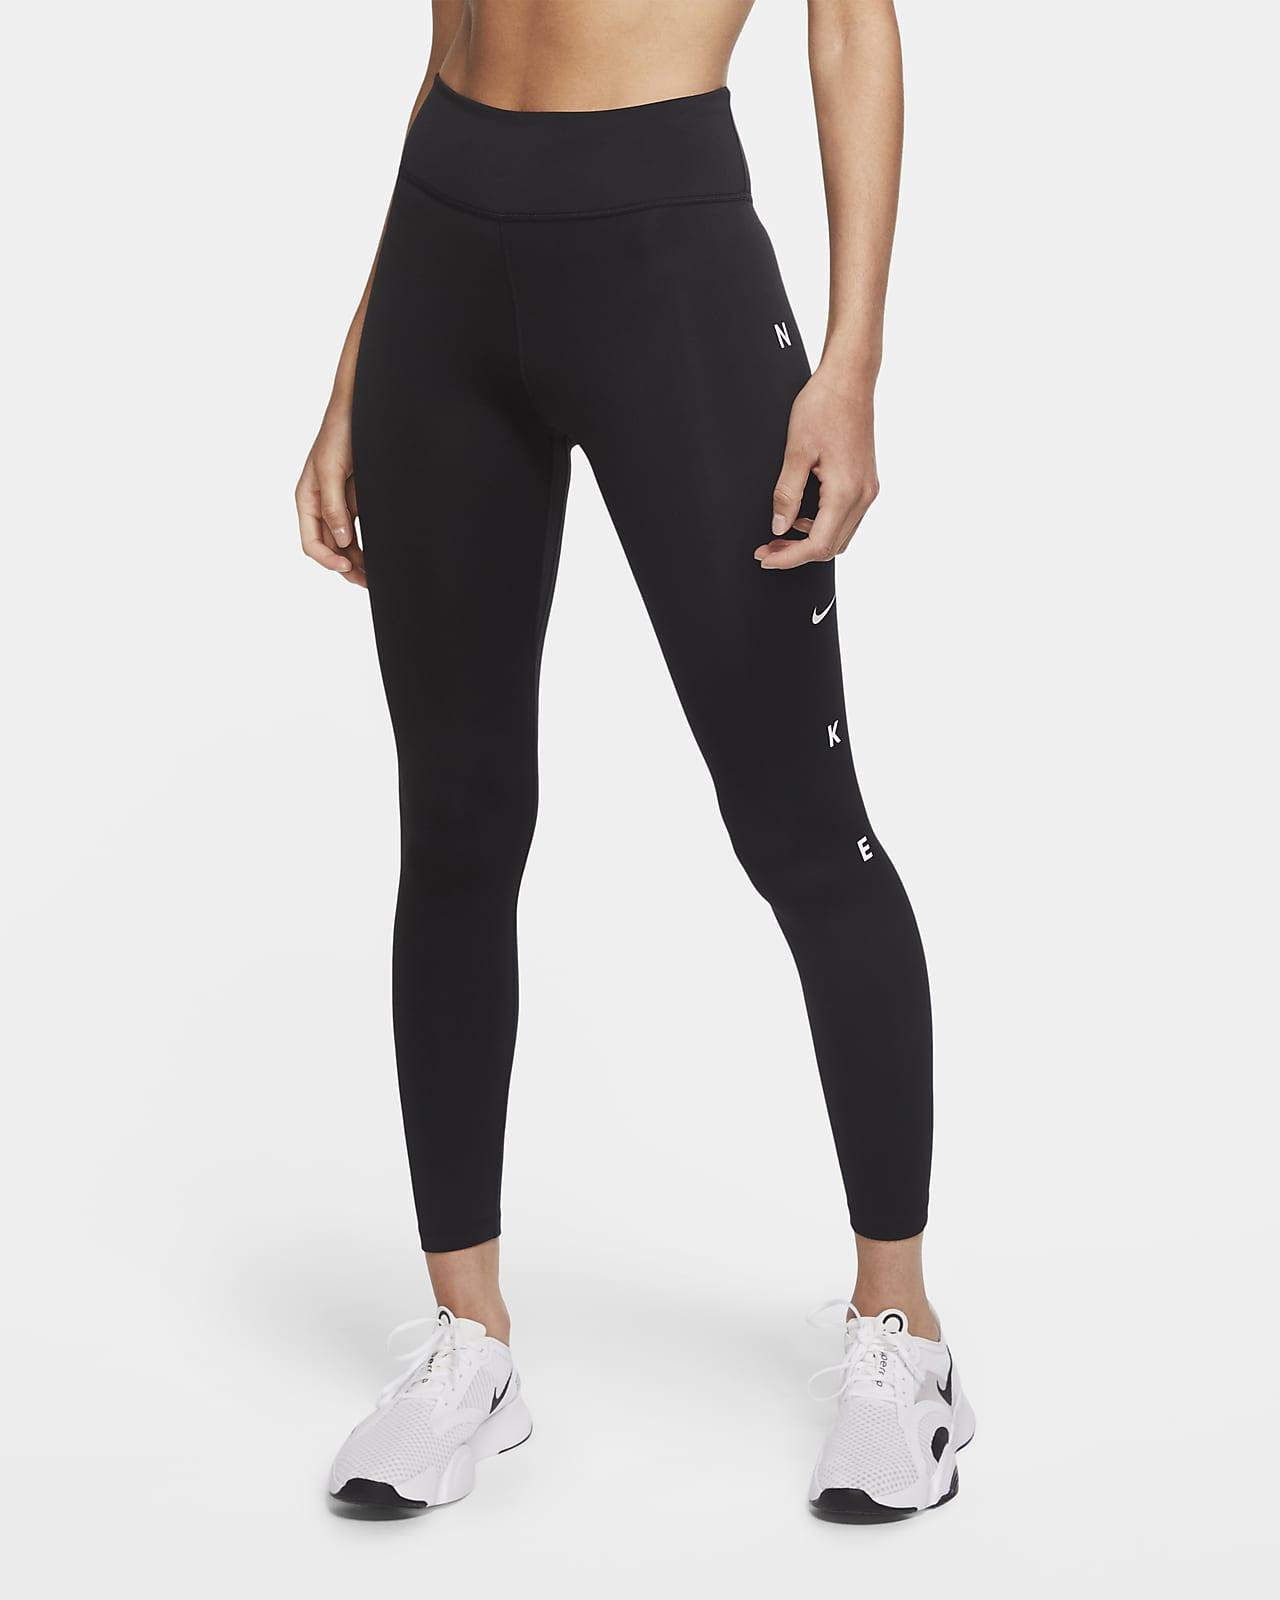 Tights med grafik Nike One i 7/8-längd för kvinnor